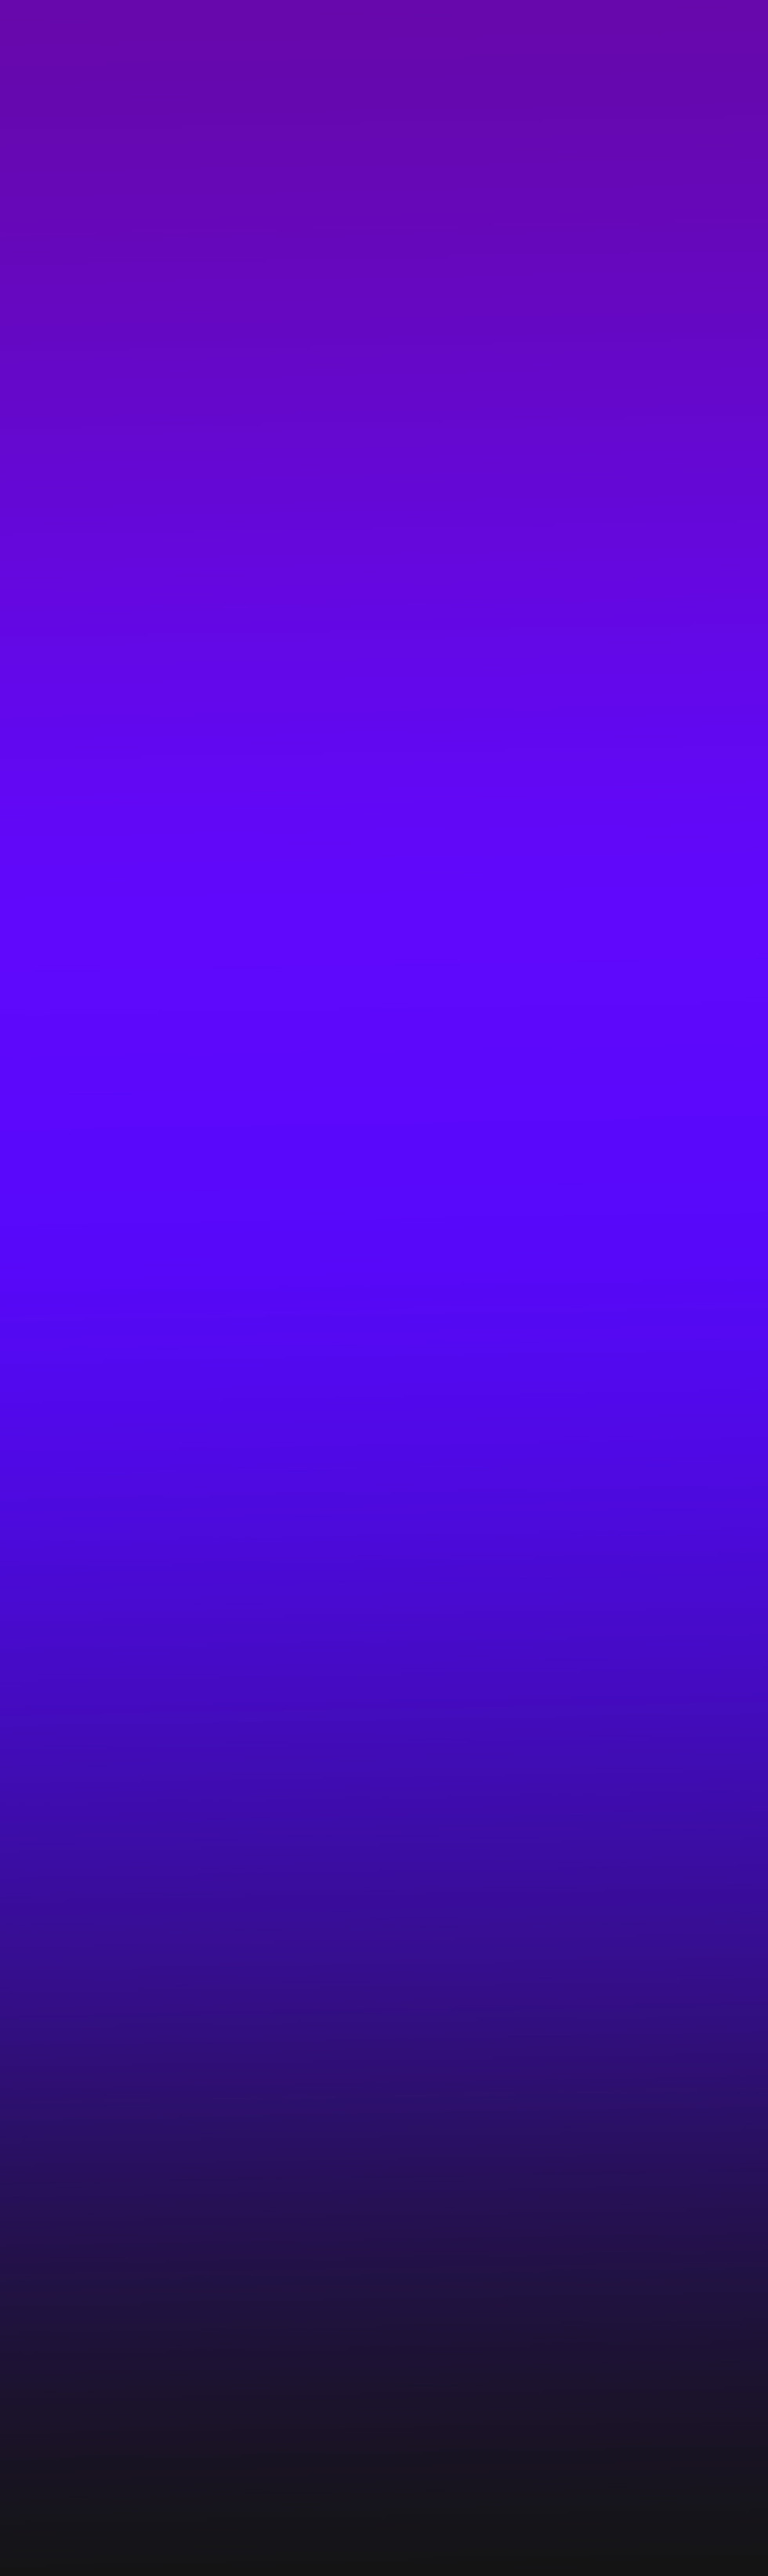 1-purpura.jpg